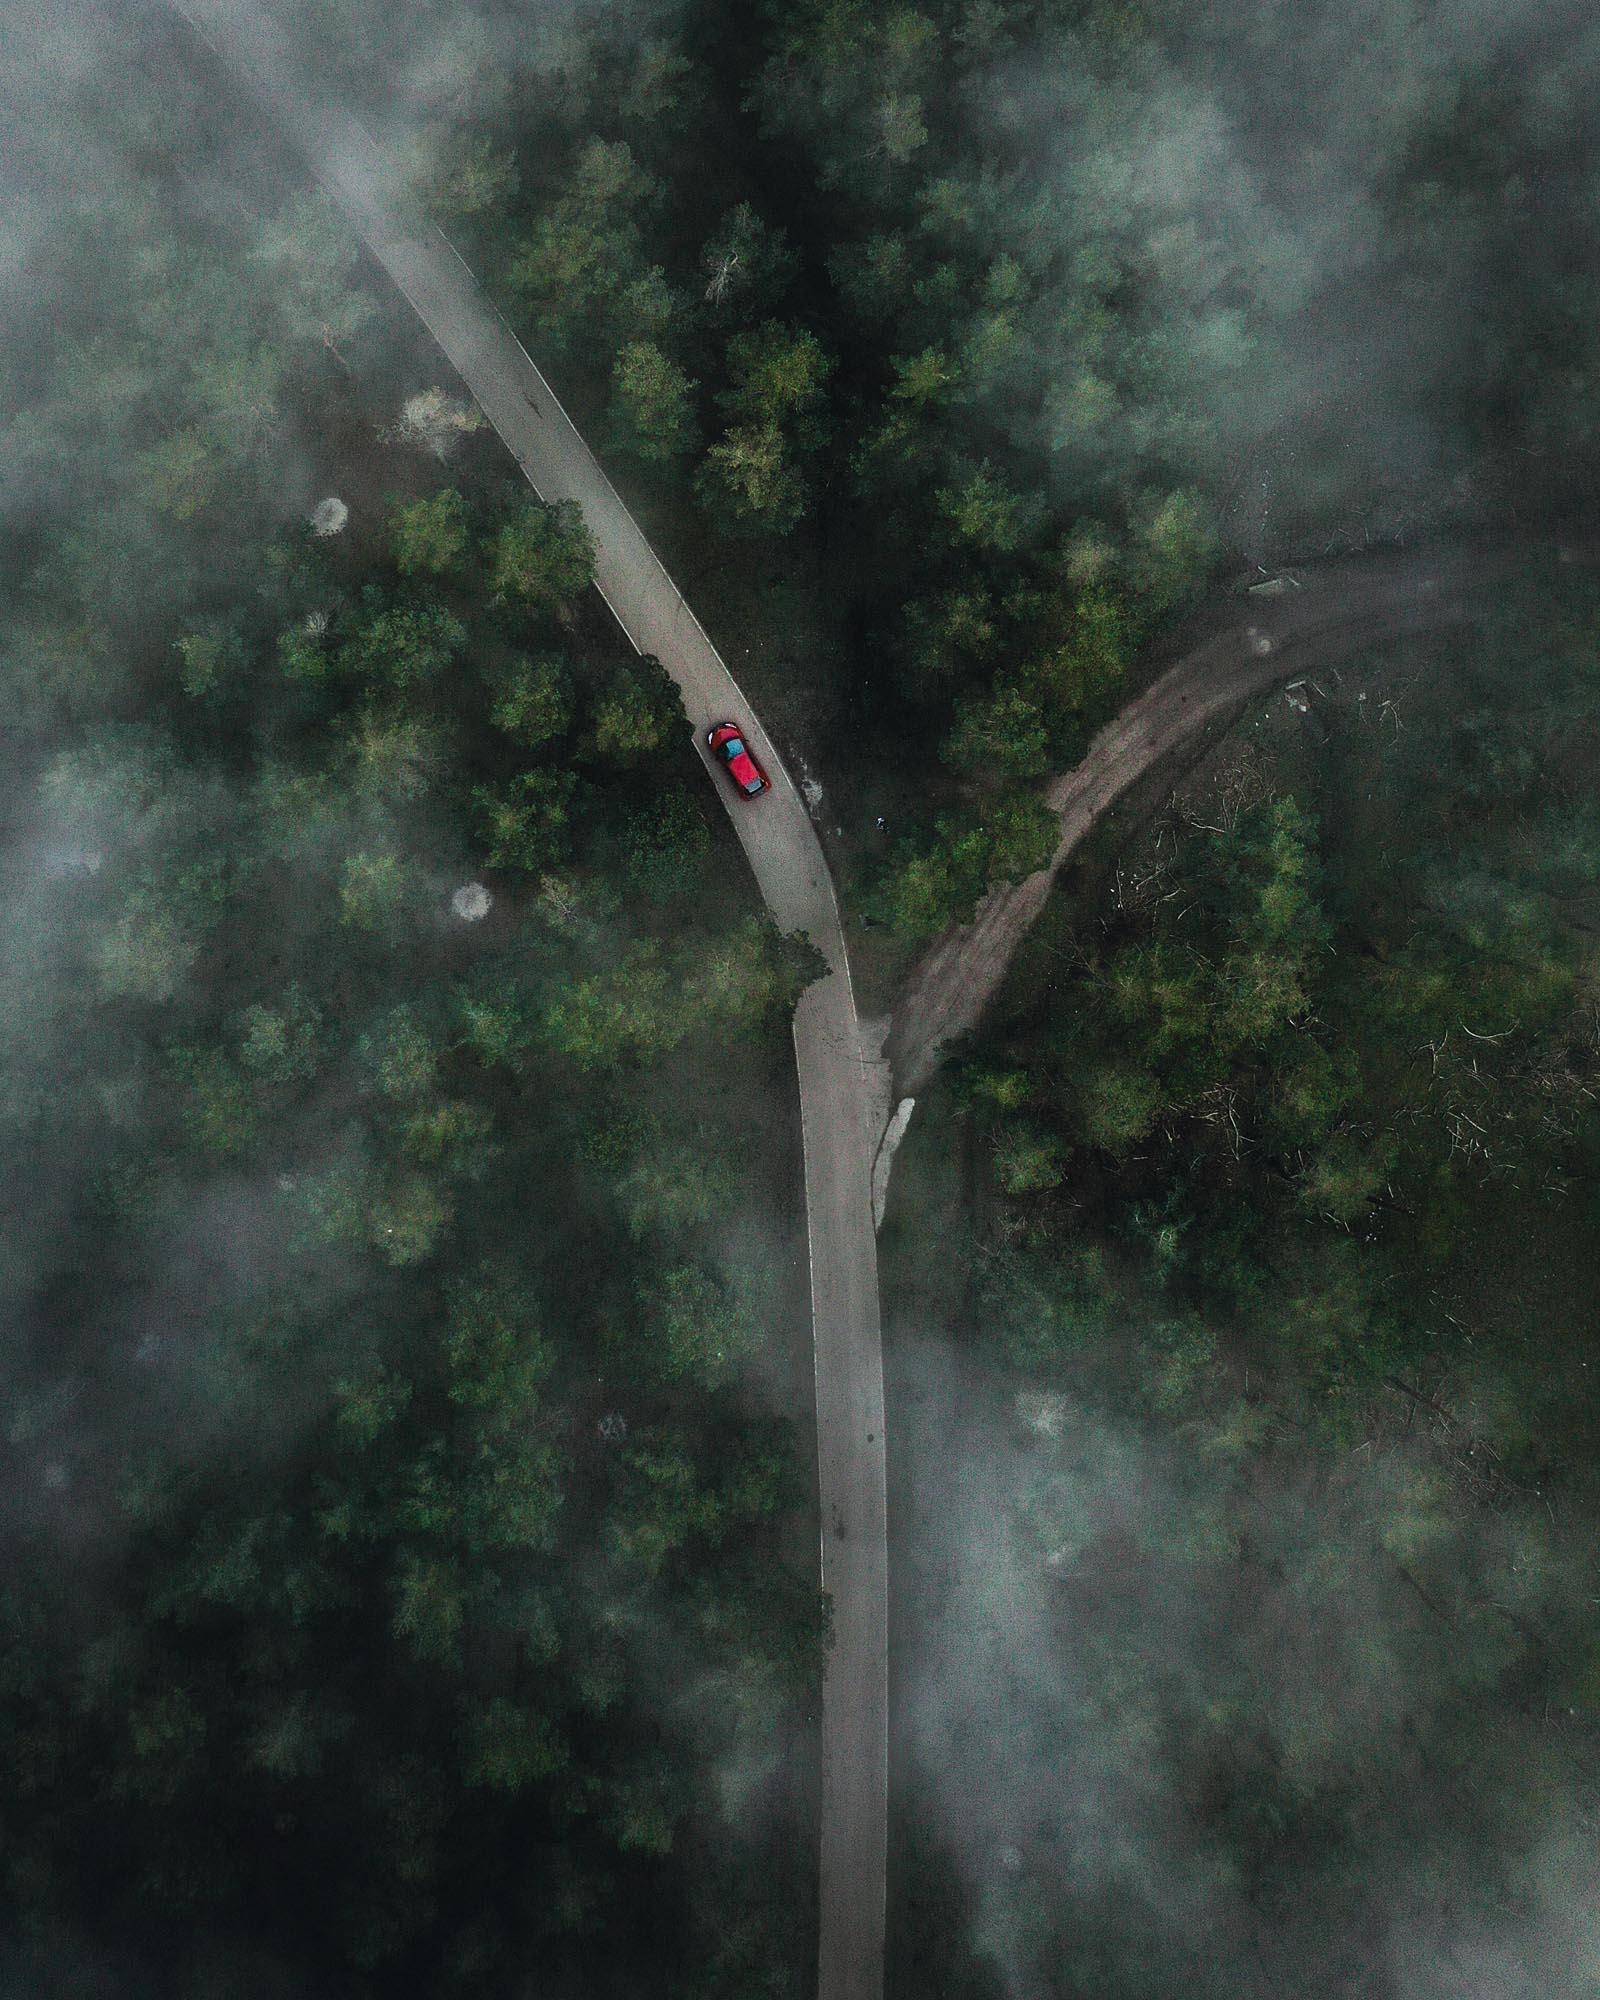 Bosque con niebla desde drone - Linzex